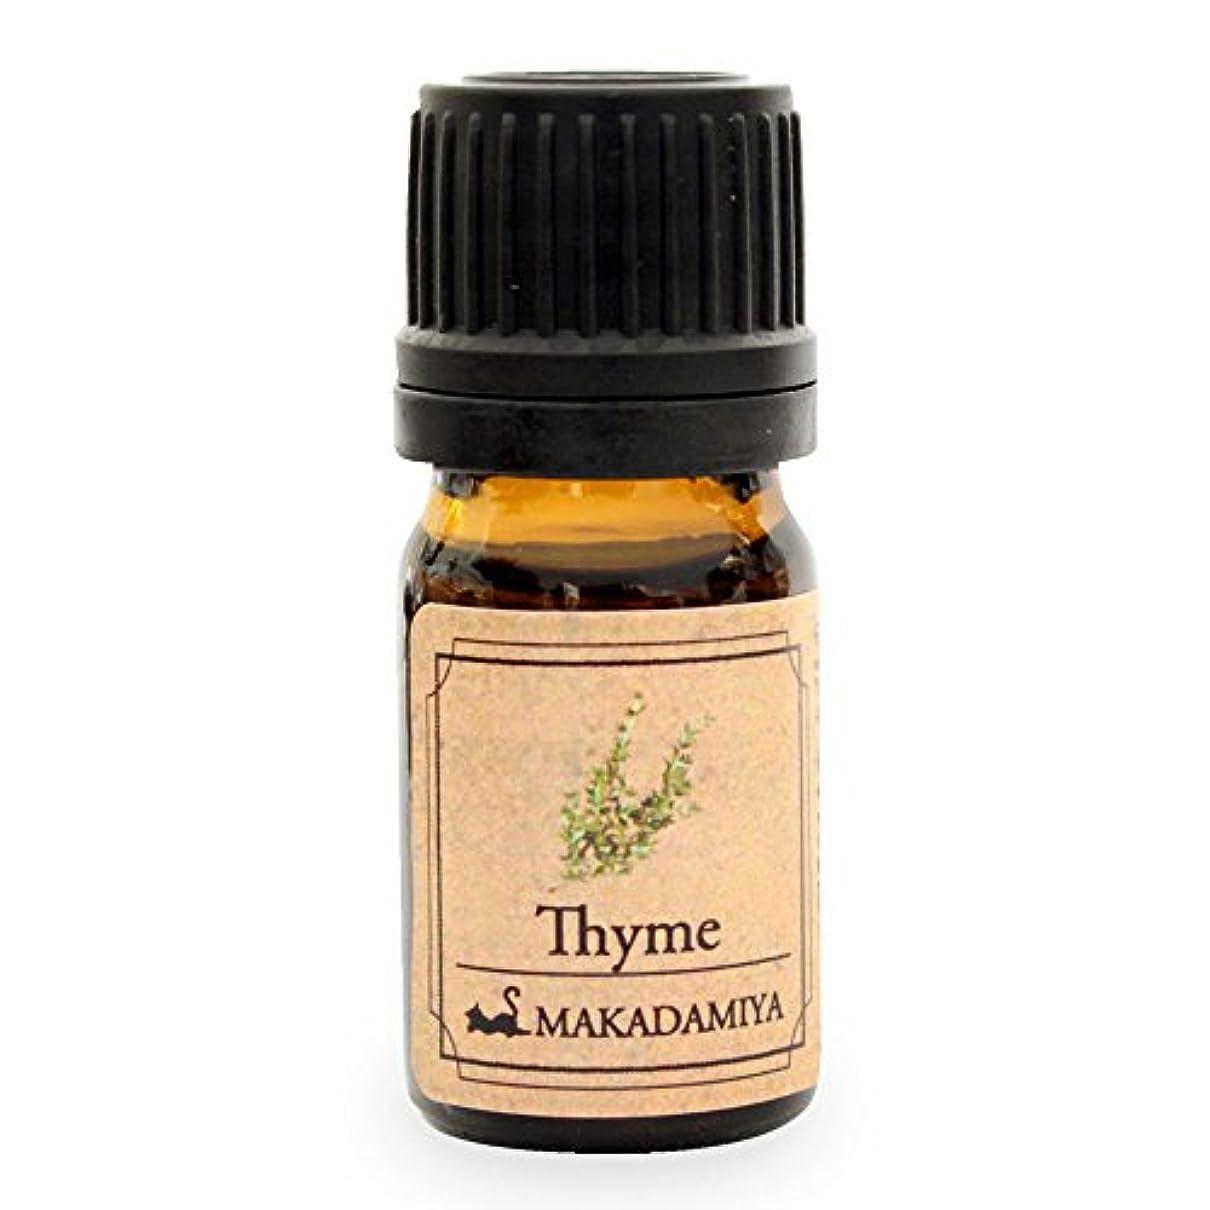 マートモッキンバードアラブサラボタイム5ml 天然100%植物性 エッセンシャルオイル(精油) アロマオイル aroma Thyme